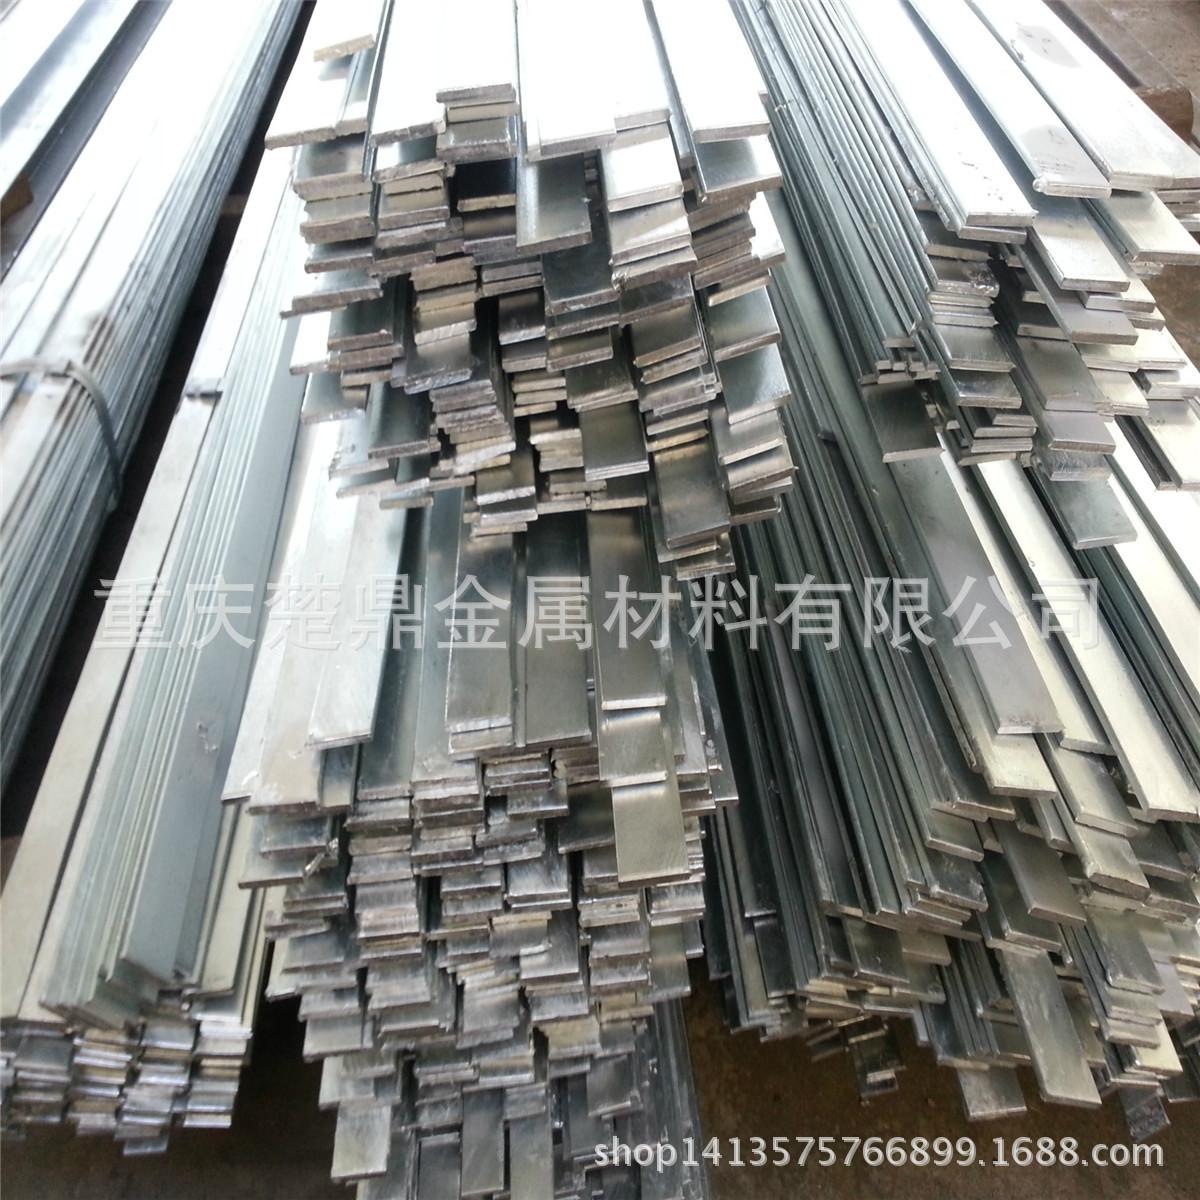 四川不锈钢扁钢规格 q235热镀锌扁钢理论重量